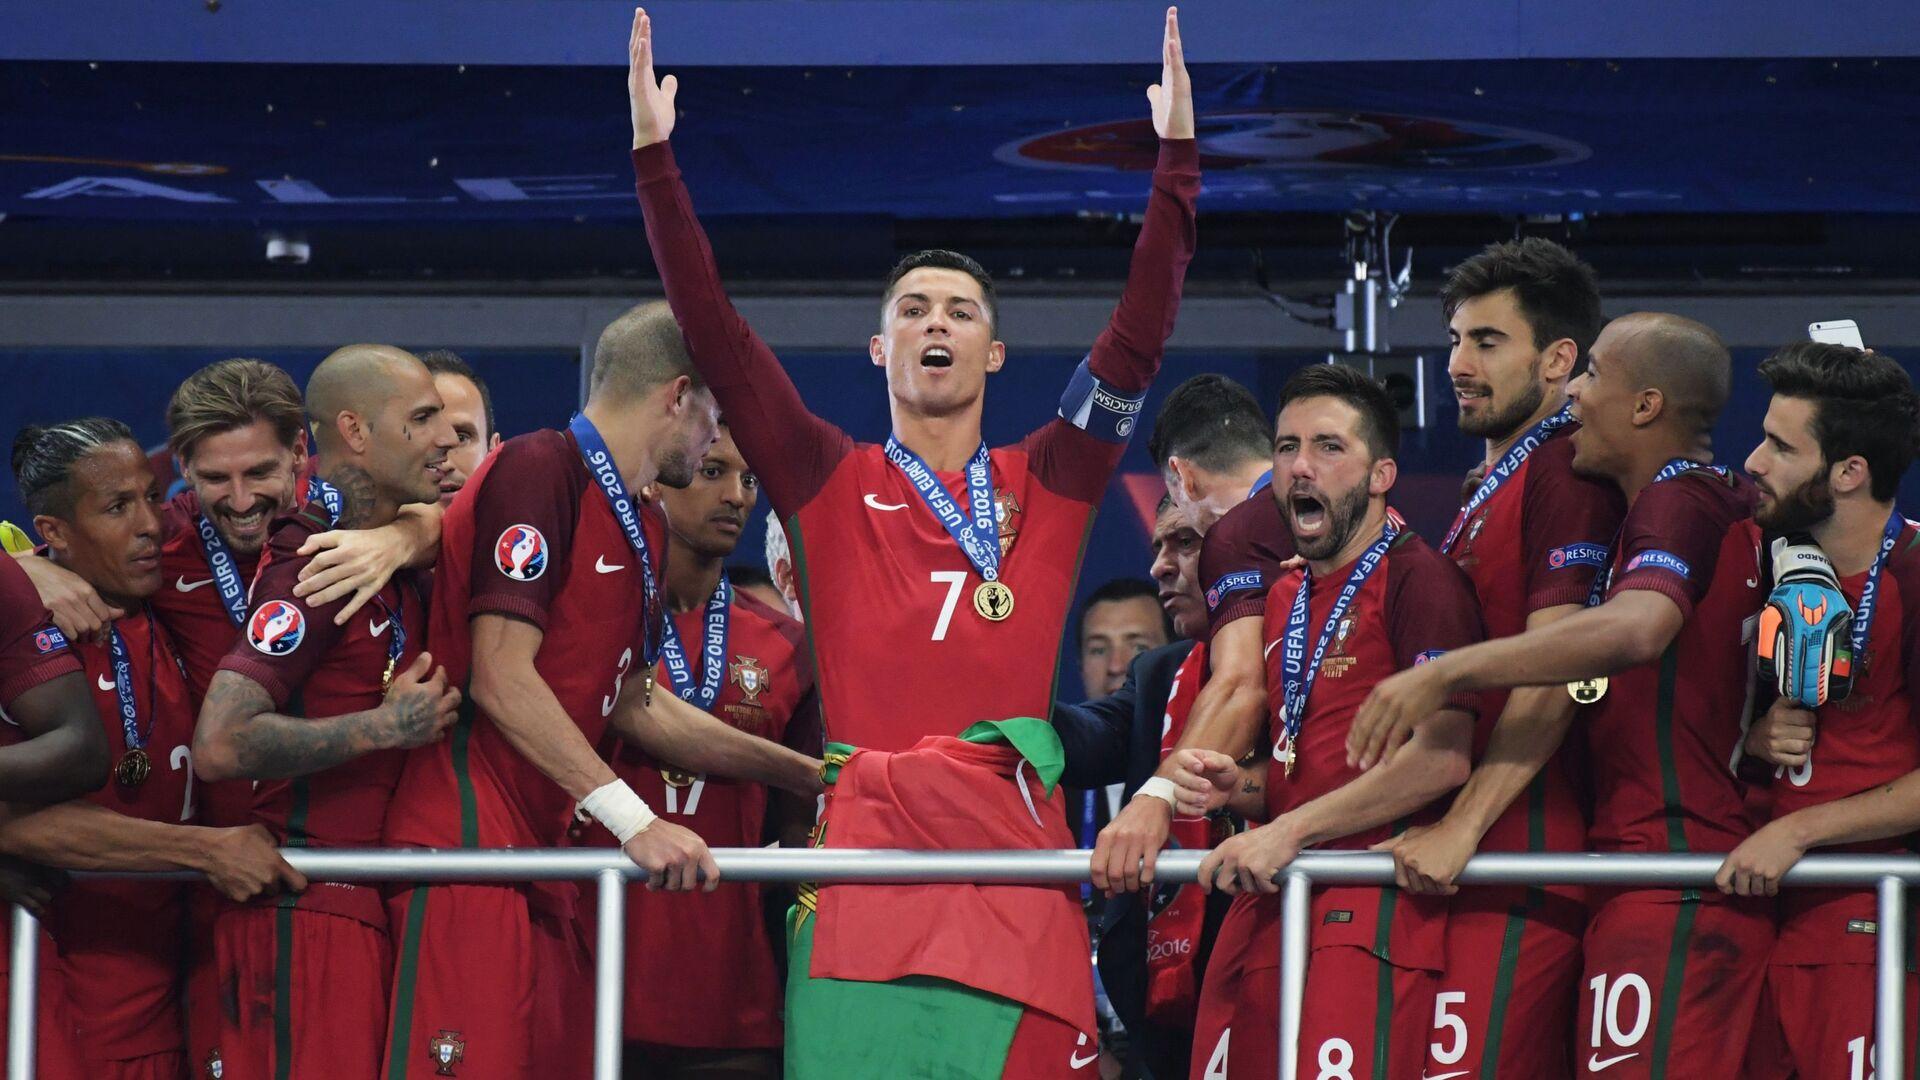 Kristijano Ronaldo i saigrači posle osvajanja Evropskog prvenstva 2016. - Sputnik Srbija, 1920, 27.08.2021